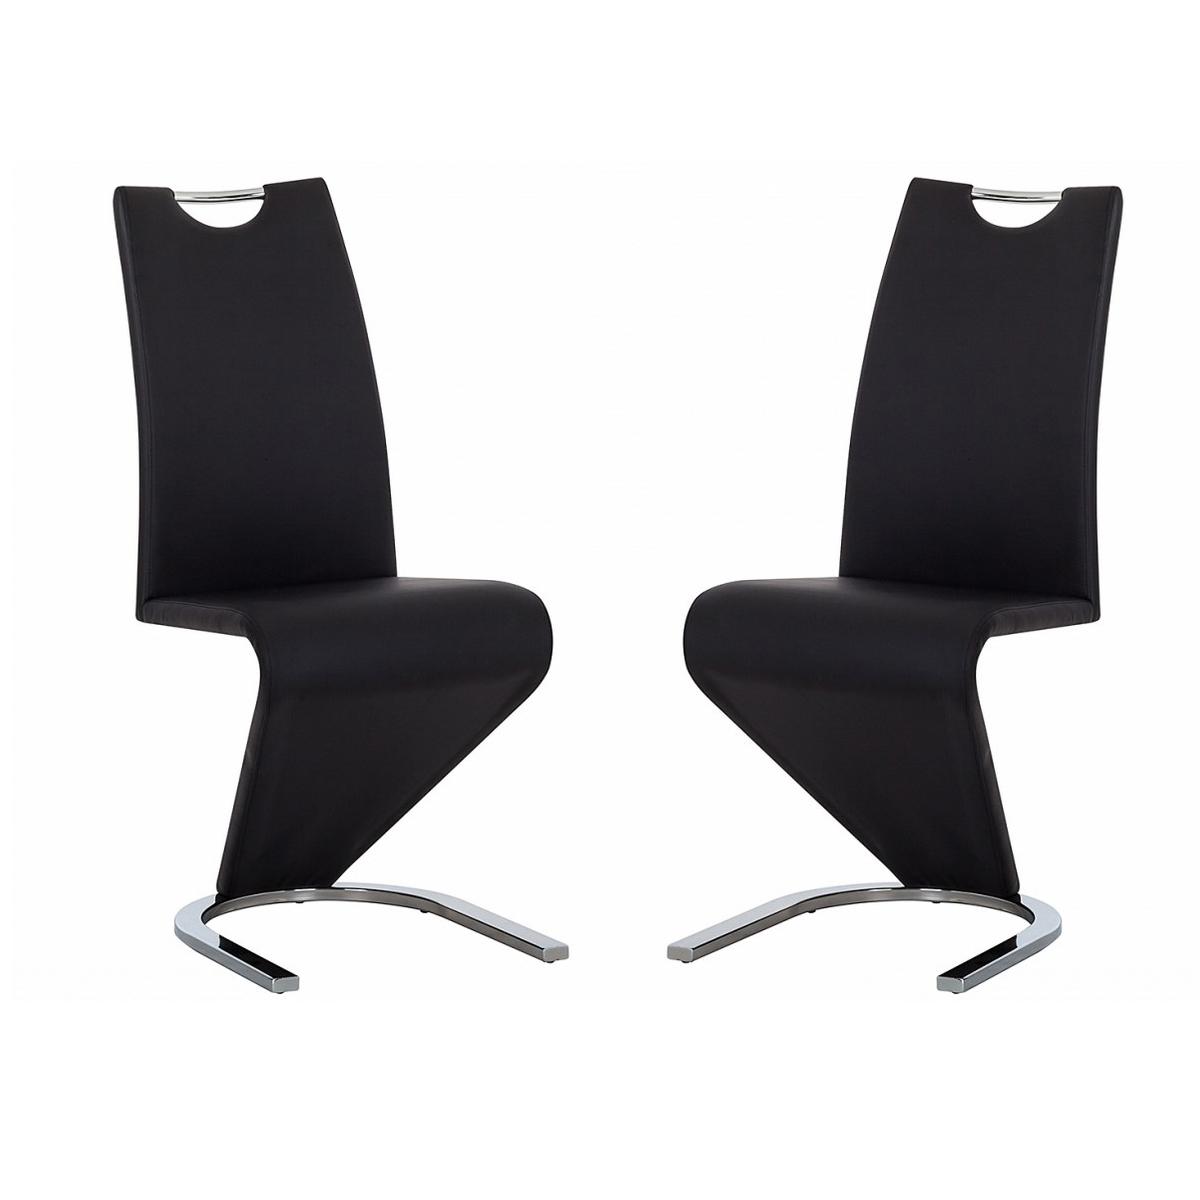 schwingstuhl amado 2er set freischwinger esszimmer stuhl. Black Bedroom Furniture Sets. Home Design Ideas